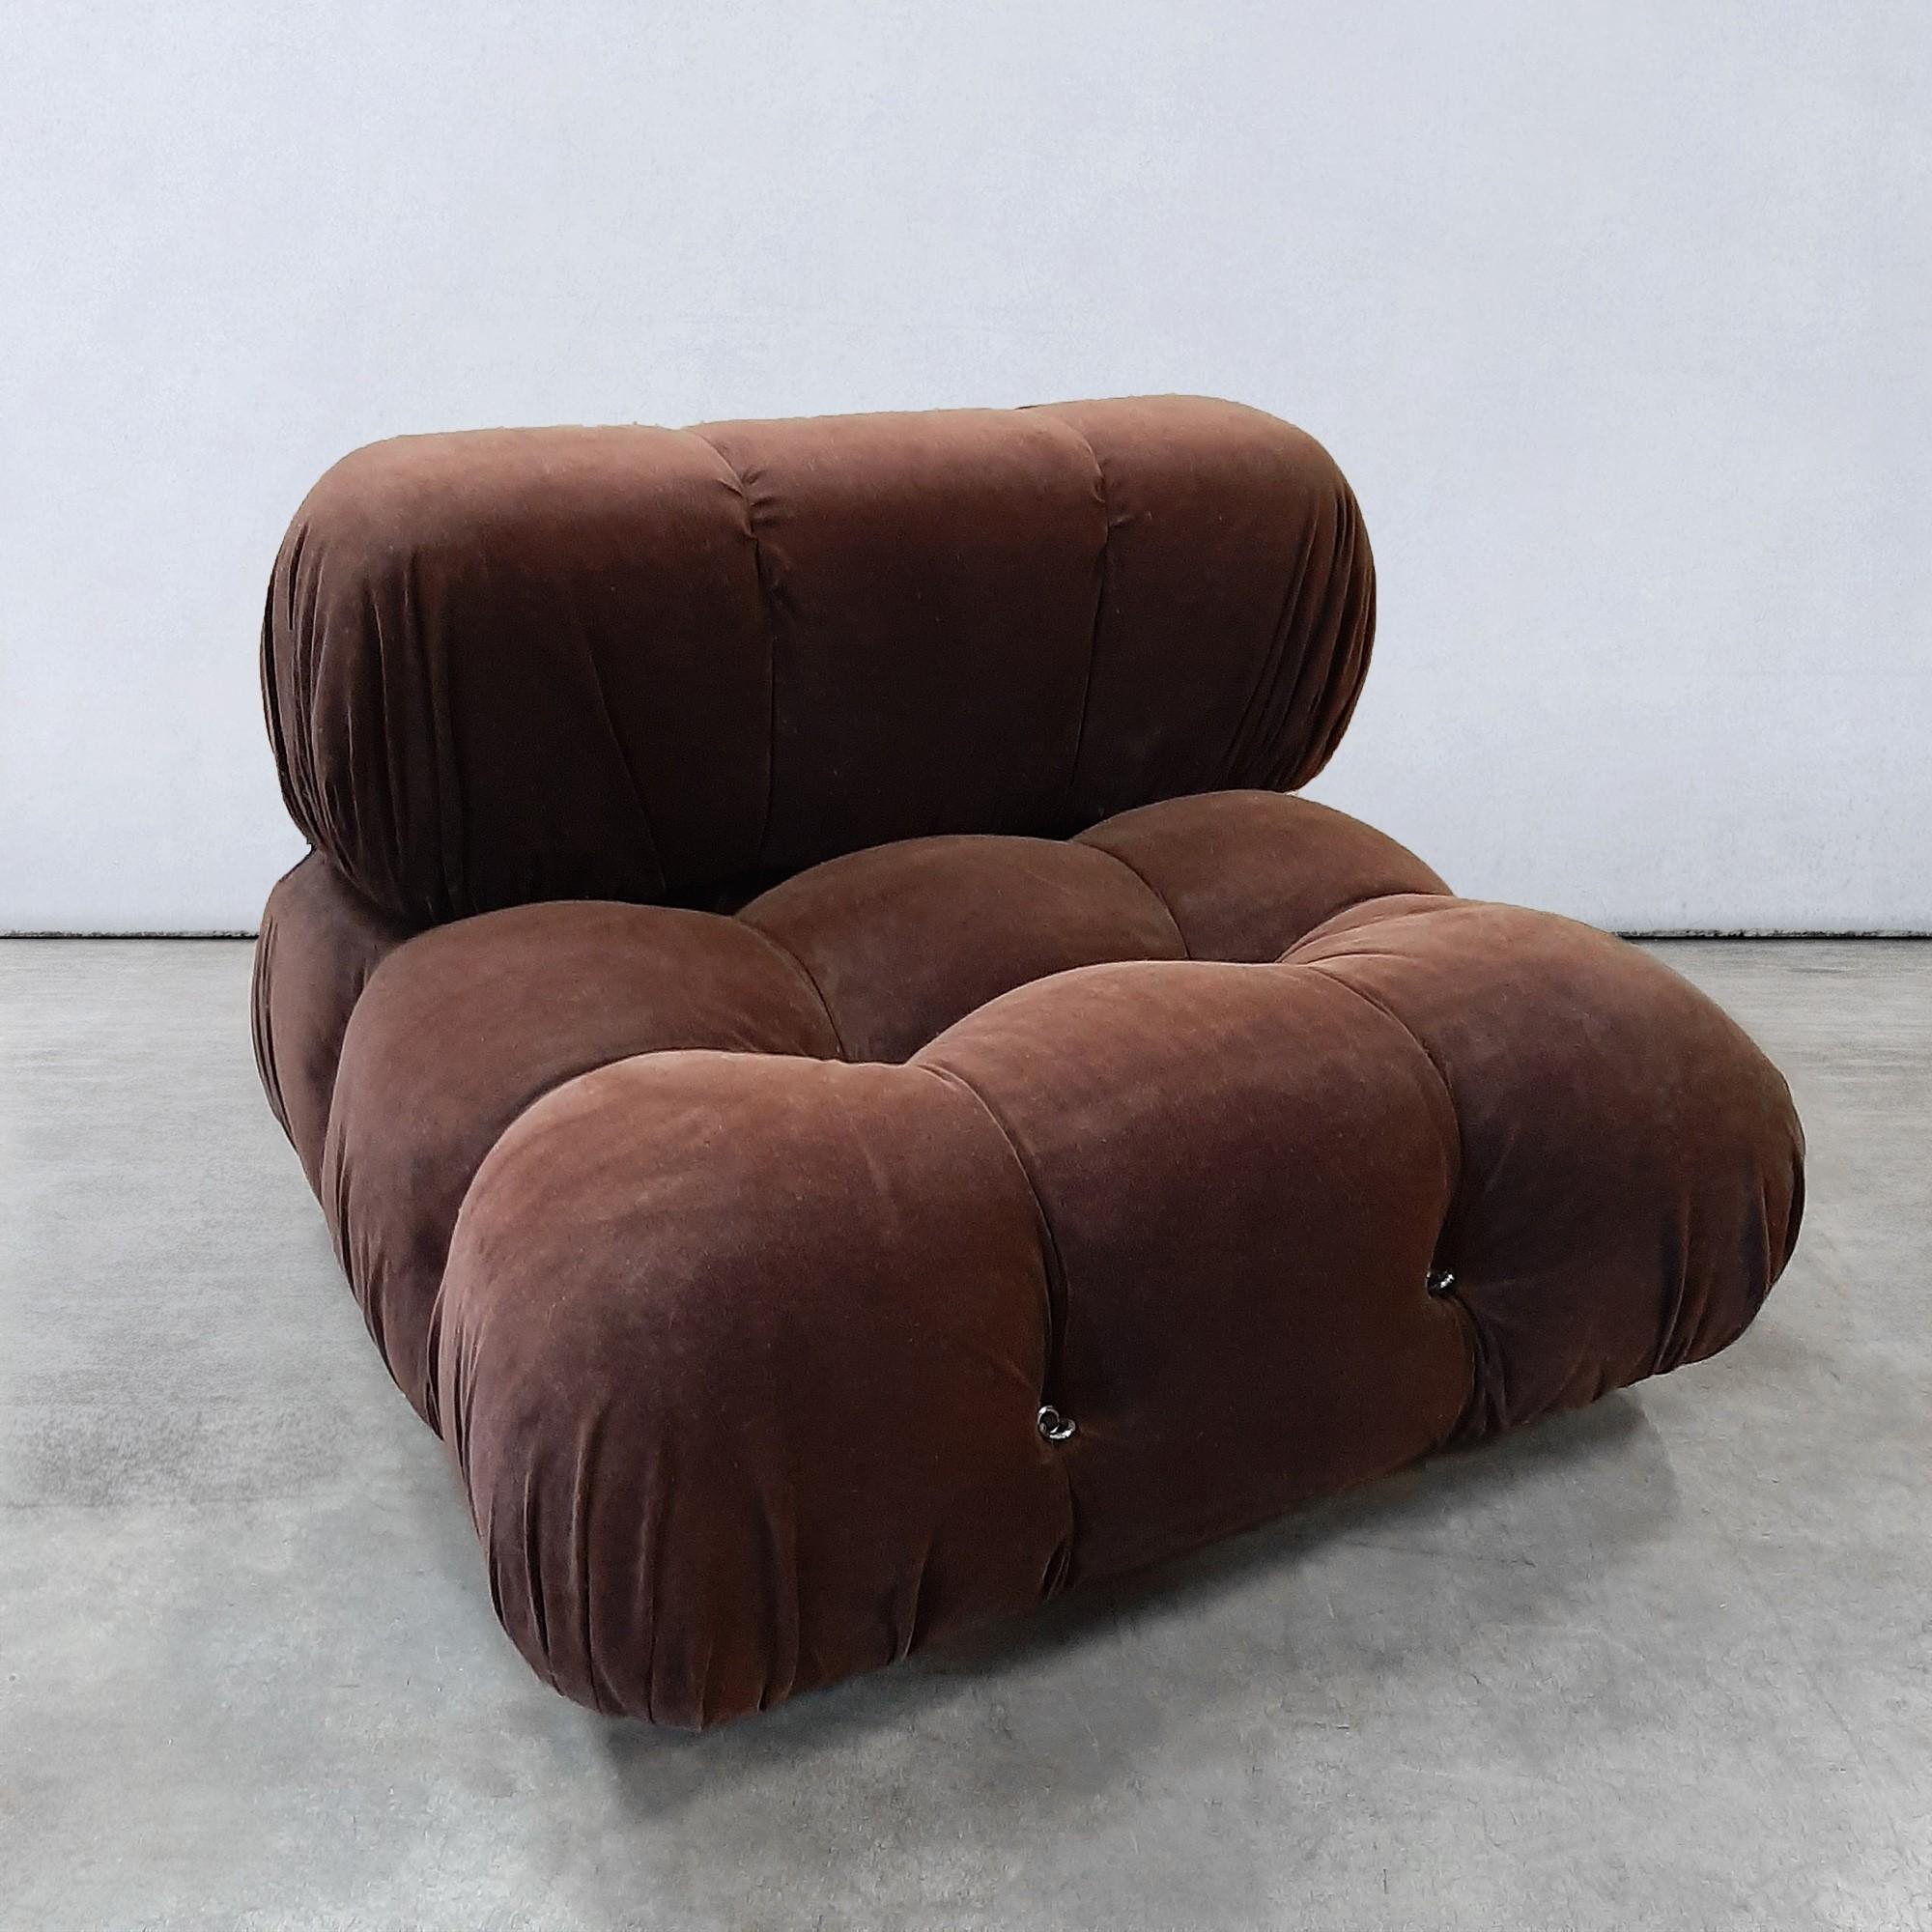 Mario Bellini 'Camaleonda' loungestoel